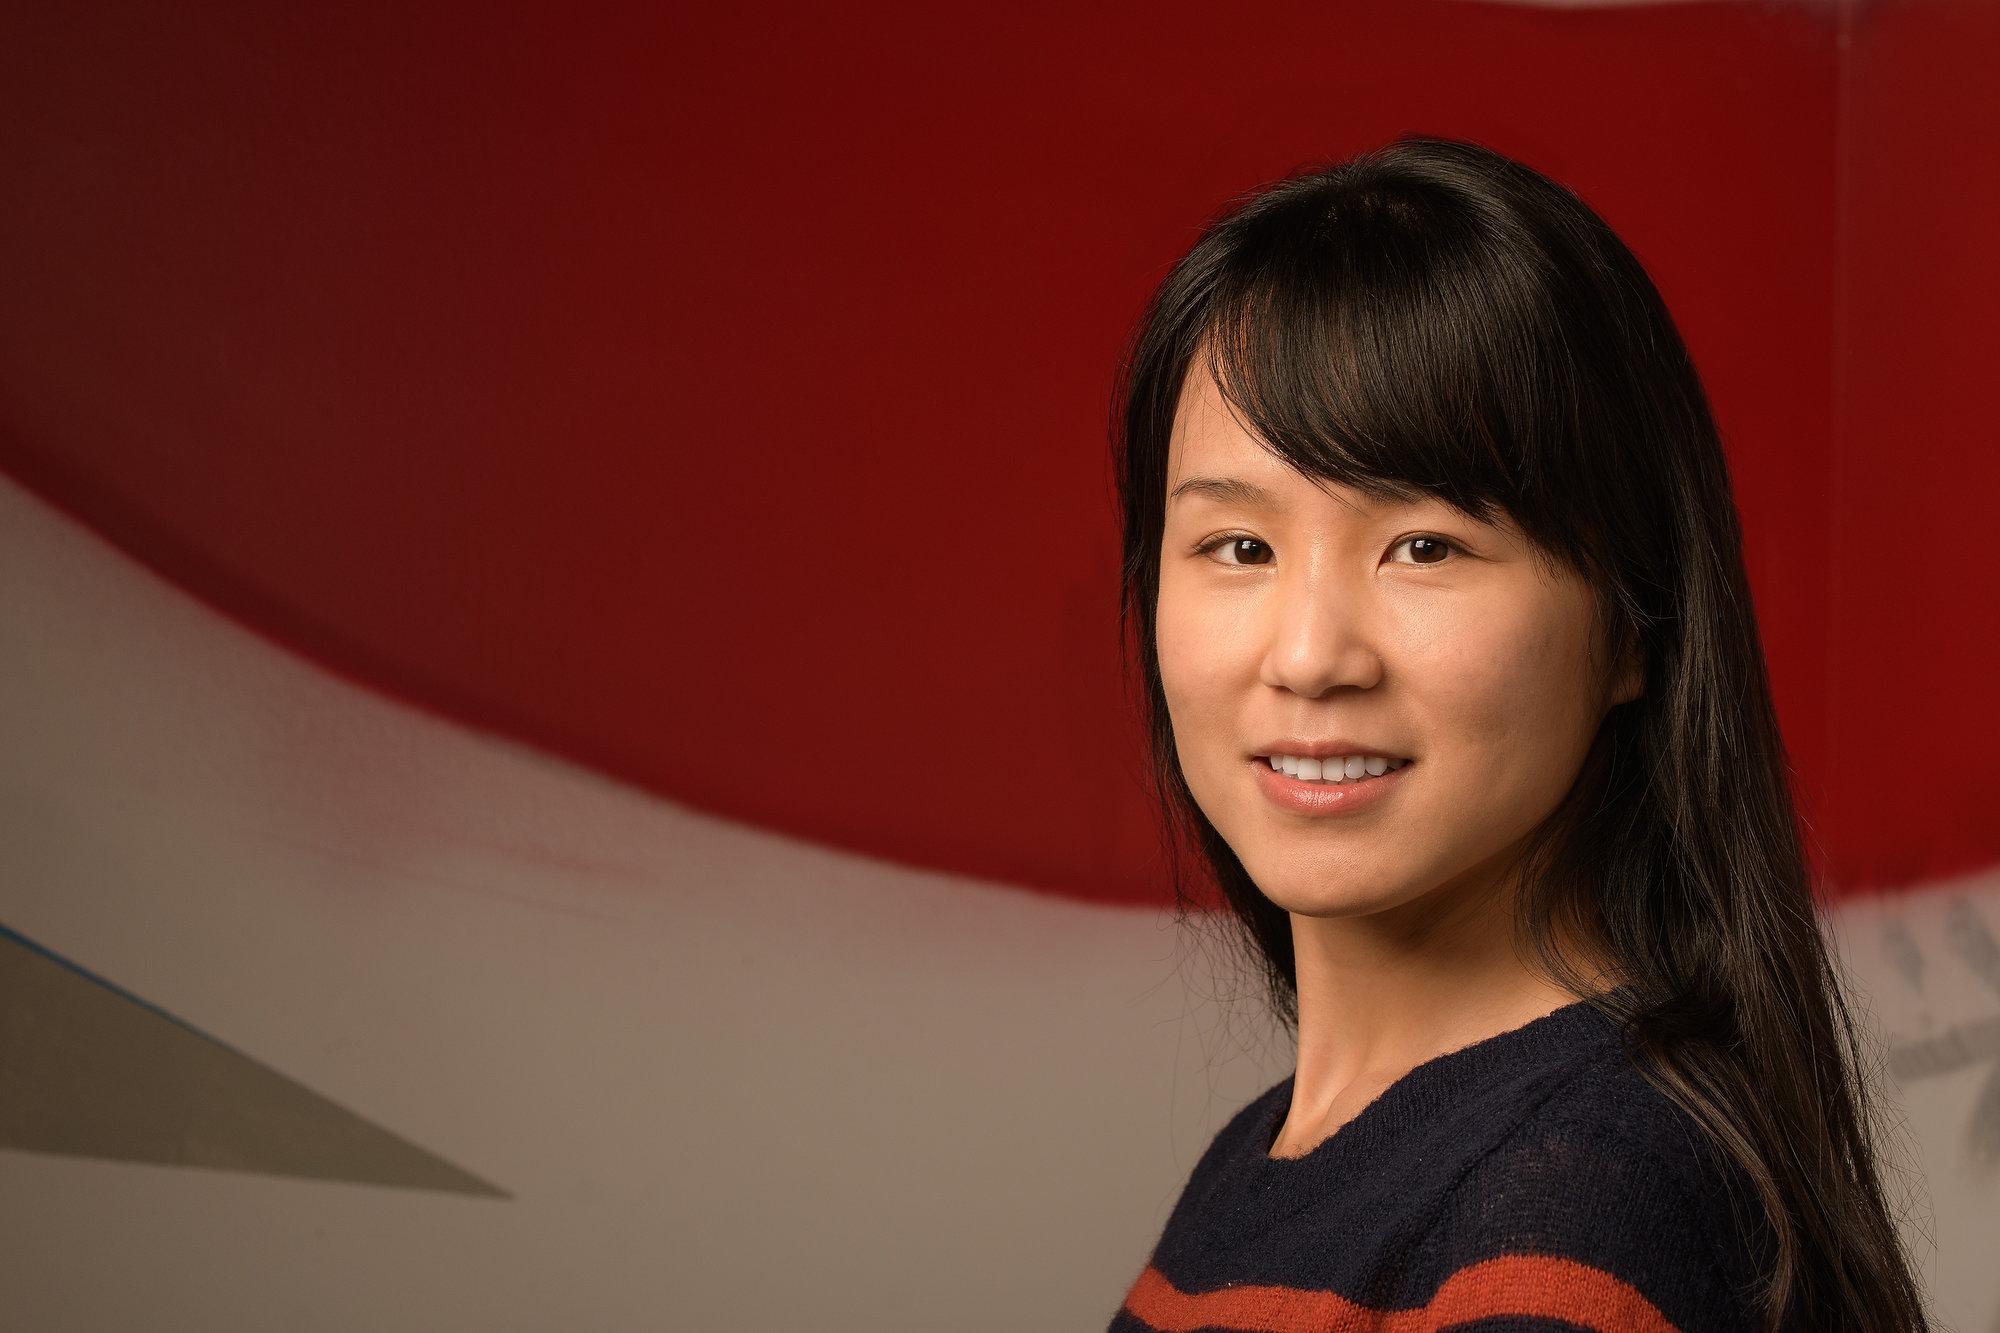 JingJing Gu